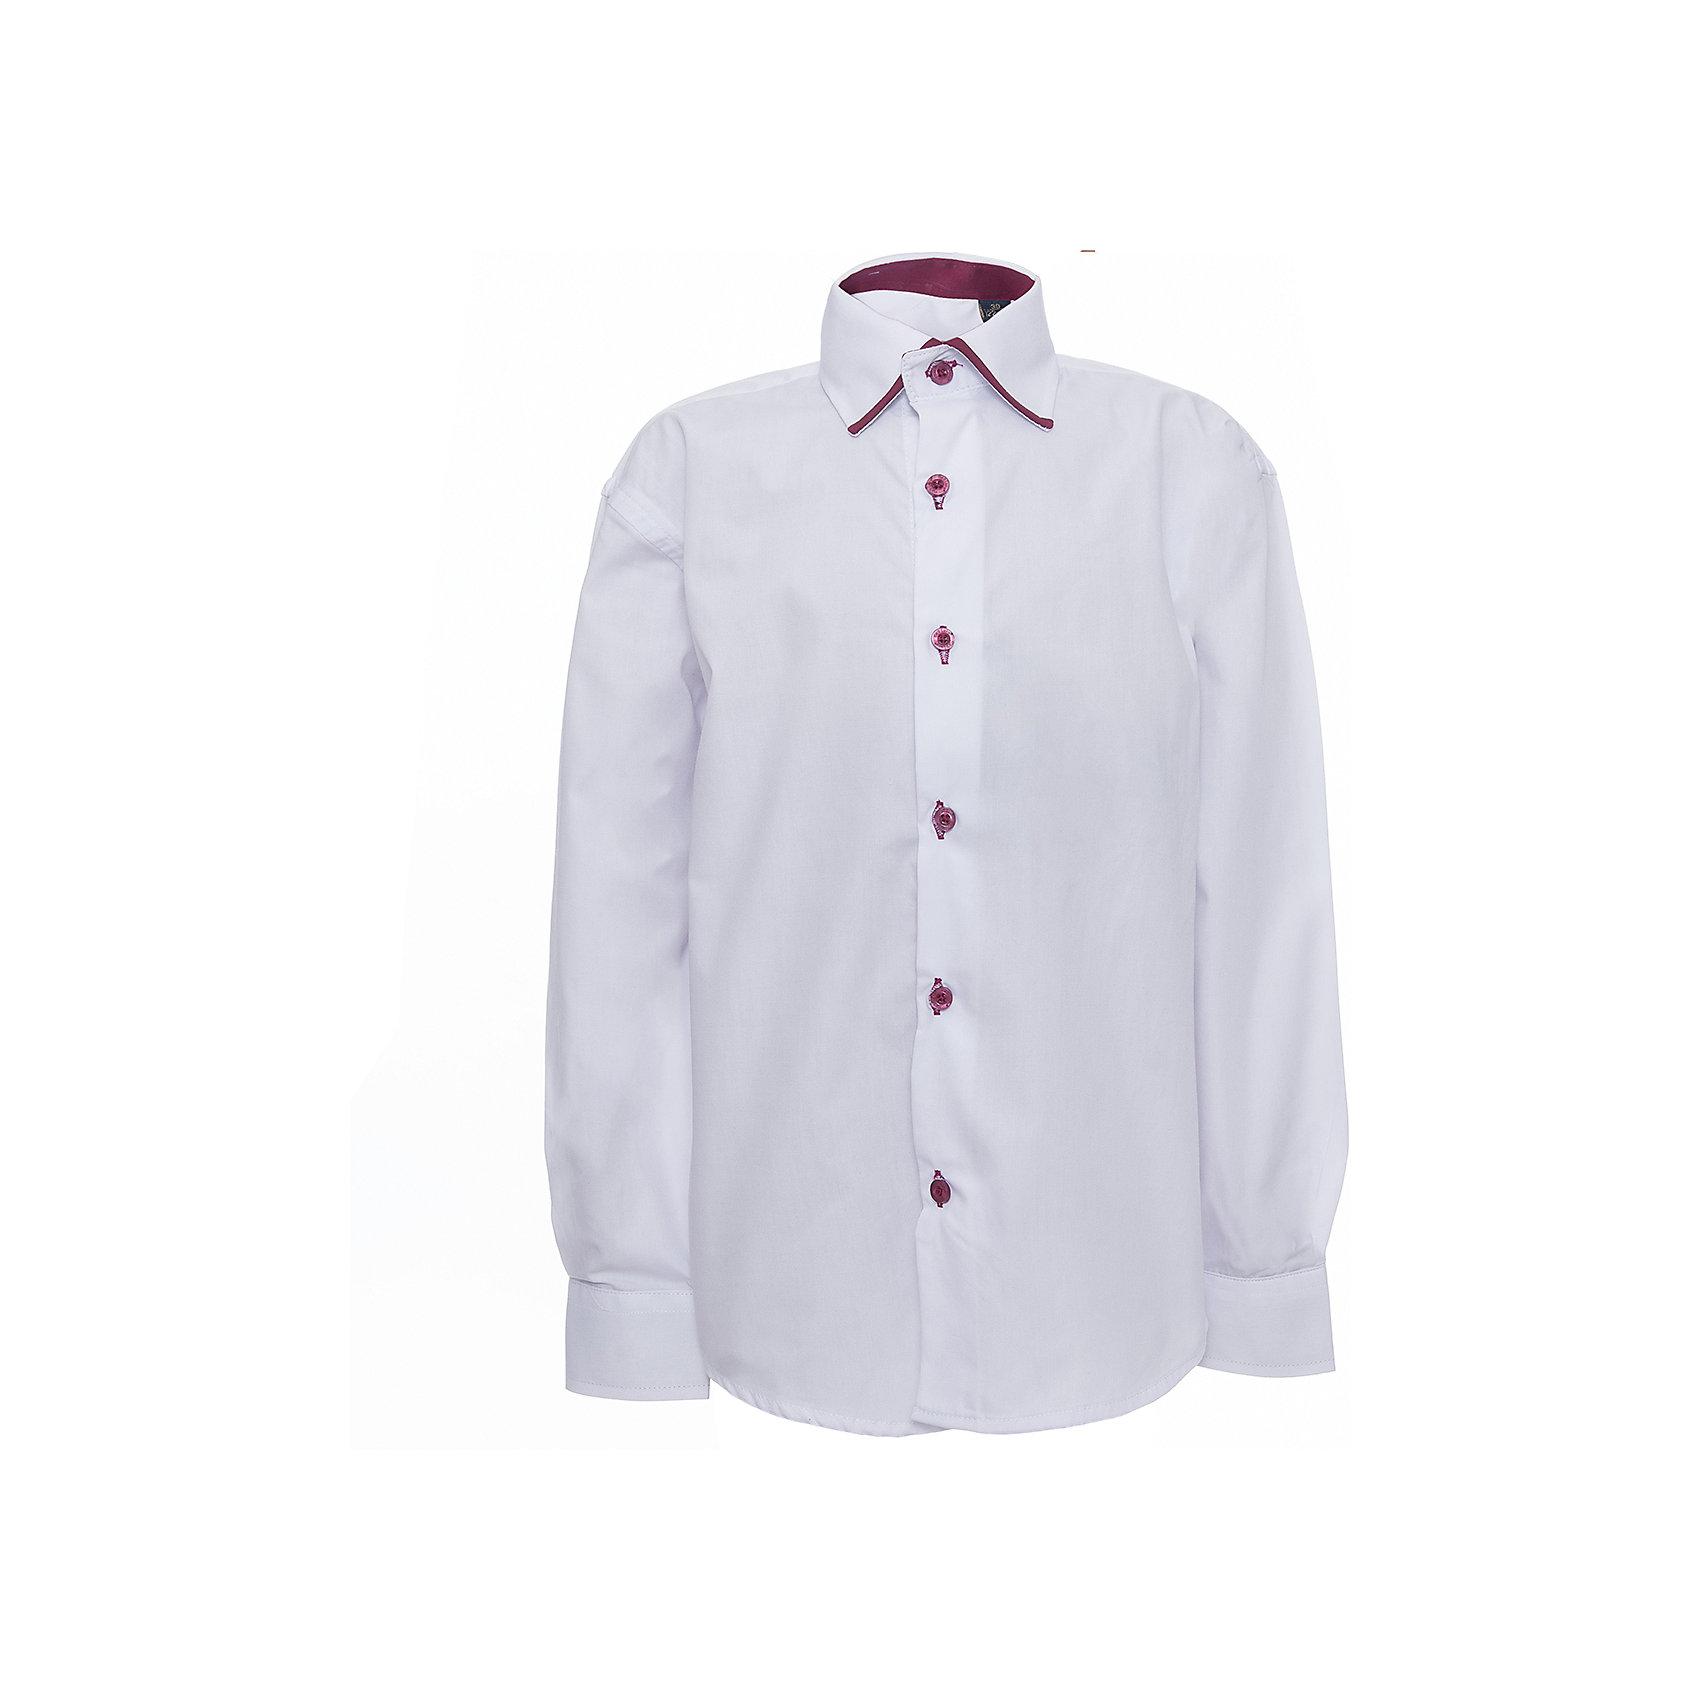 Рубашка для мальчика PREMIUM SkylakeРубашка для мальчика PREMIUM от известного бренда Skylake.<br>Состав:<br>80%хлопок 20%п/э<br><br>Ширина мм: 174<br>Глубина мм: 10<br>Высота мм: 169<br>Вес г: 157<br>Цвет: белый<br>Возраст от месяцев: 108<br>Возраст до месяцев: 120<br>Пол: Мужской<br>Возраст: Детский<br>Размер: 140,134,146,152,128,158,122<br>SKU: 4710141